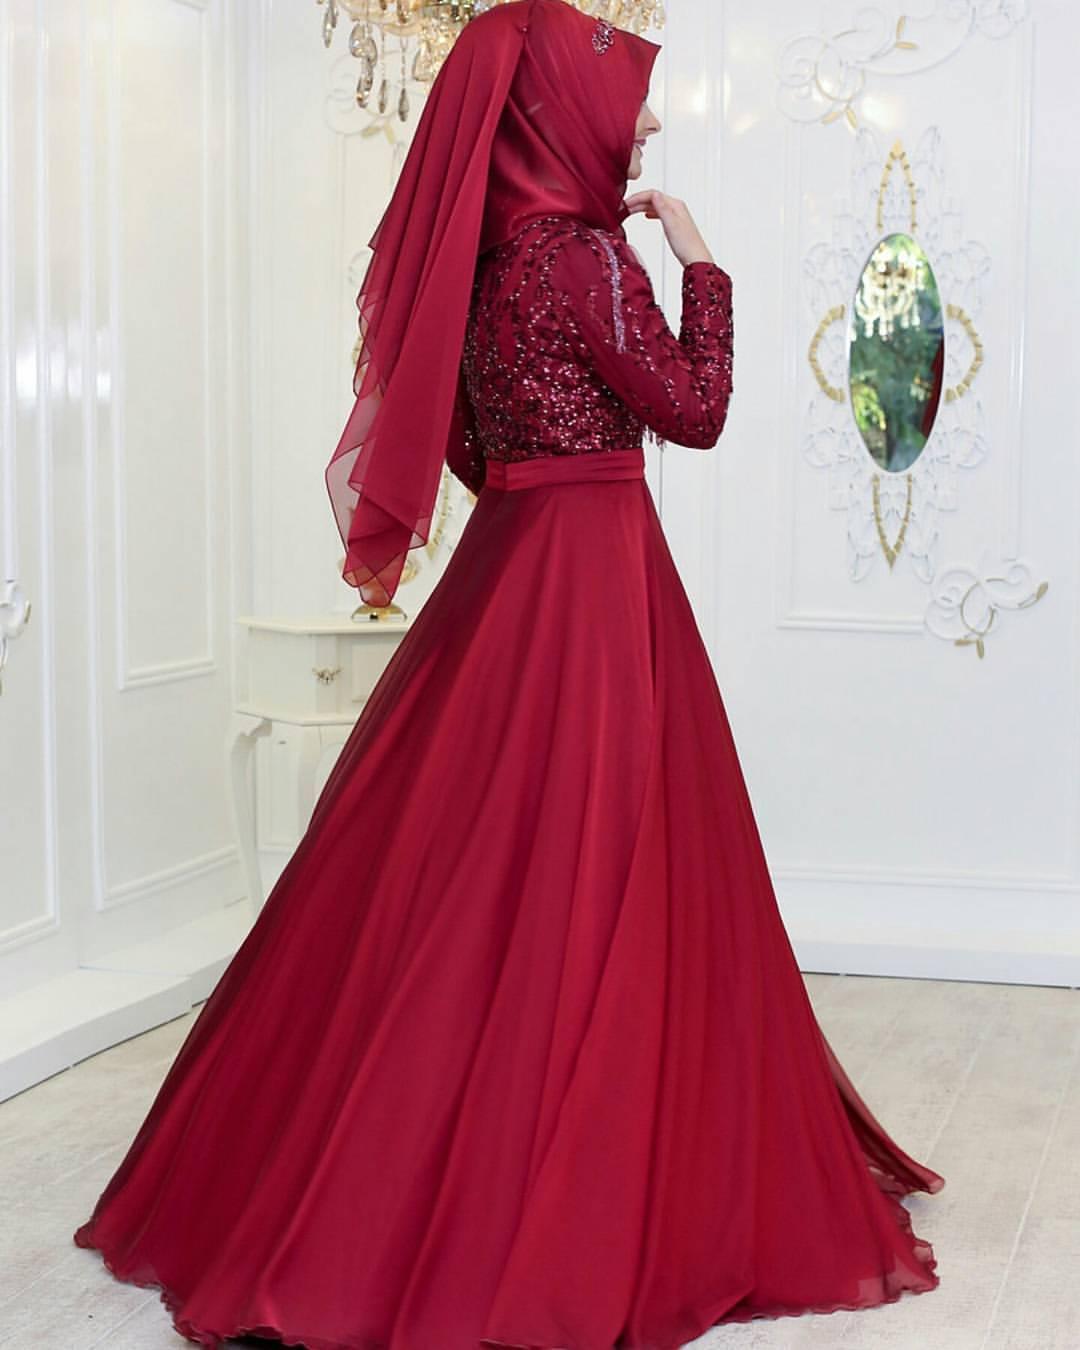 Pinarsems Abiye Modelleri 37 - 2018 Pınar Şems Abiye Modelleri